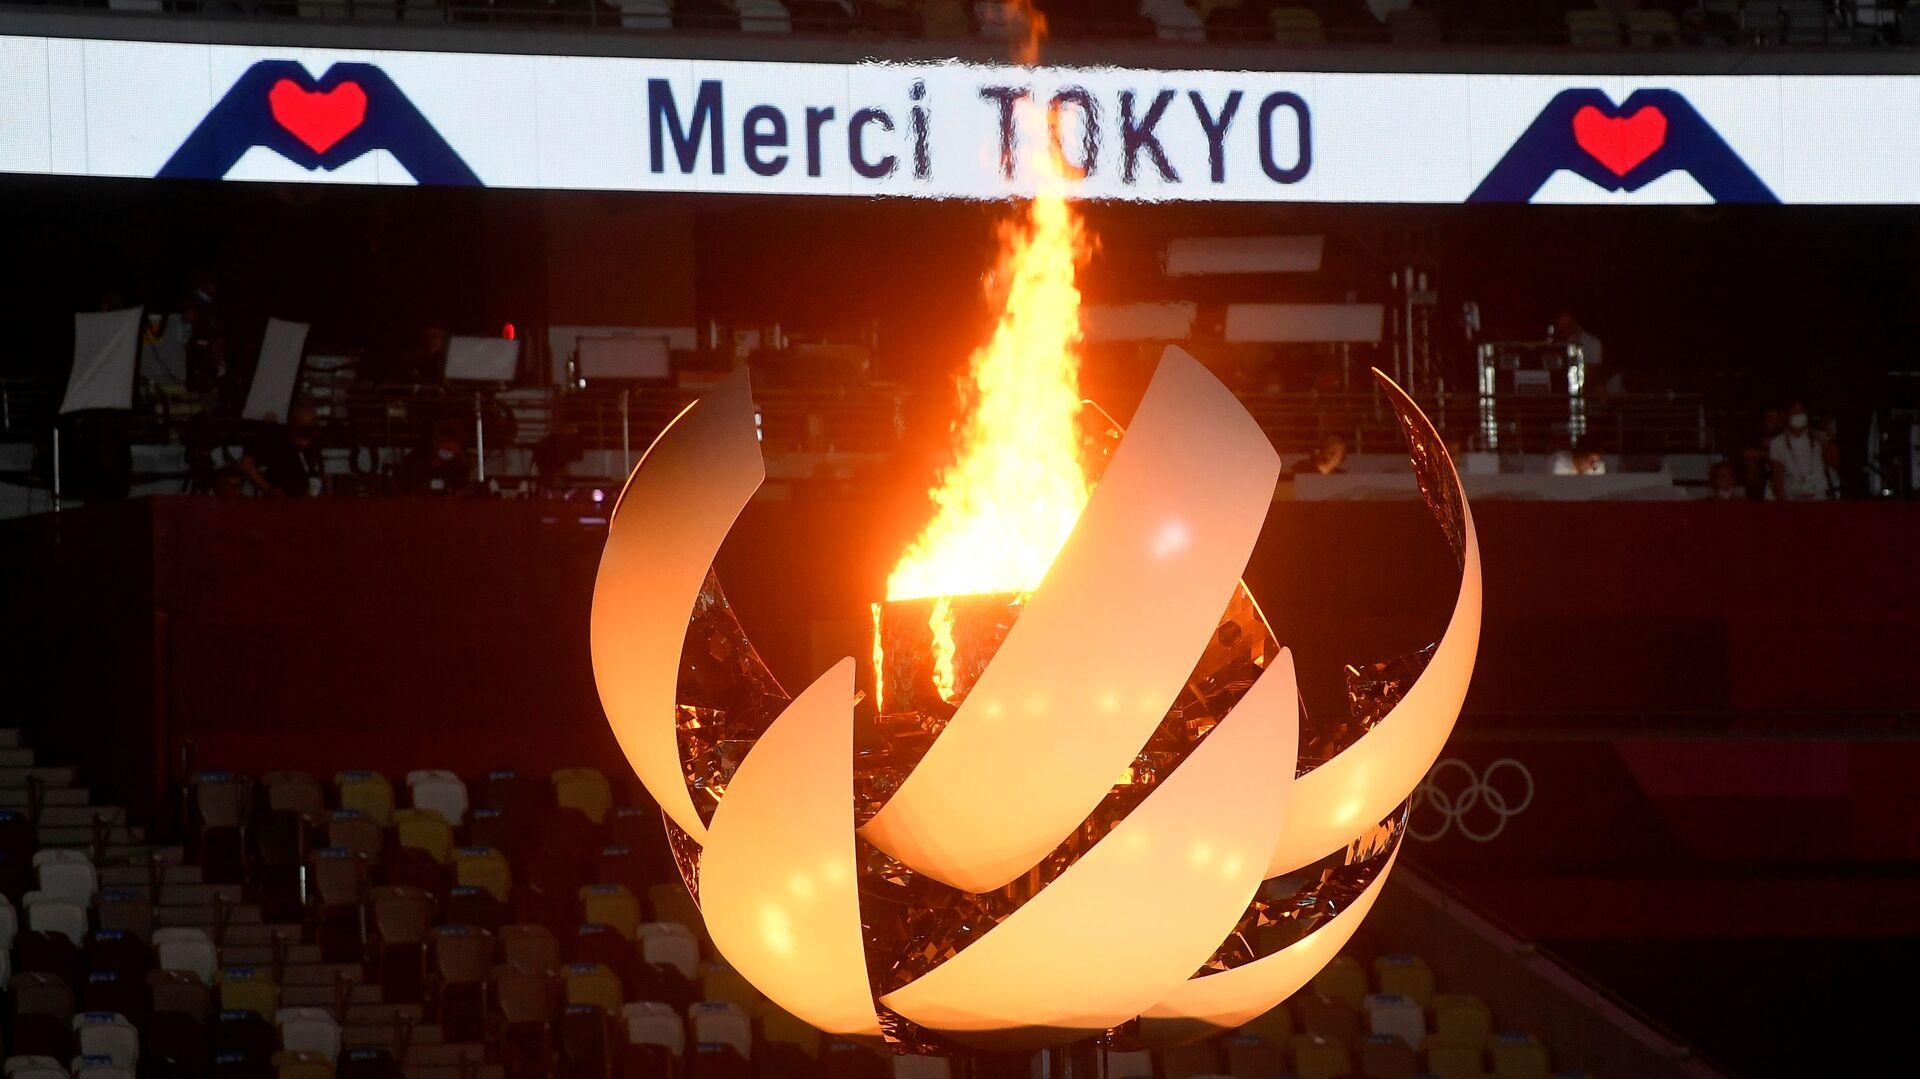 Торжественная церемония закрытия XXXII летних Олимпийских игр в Токио  - Sputnik Узбекистан, 1920, 09.08.2021